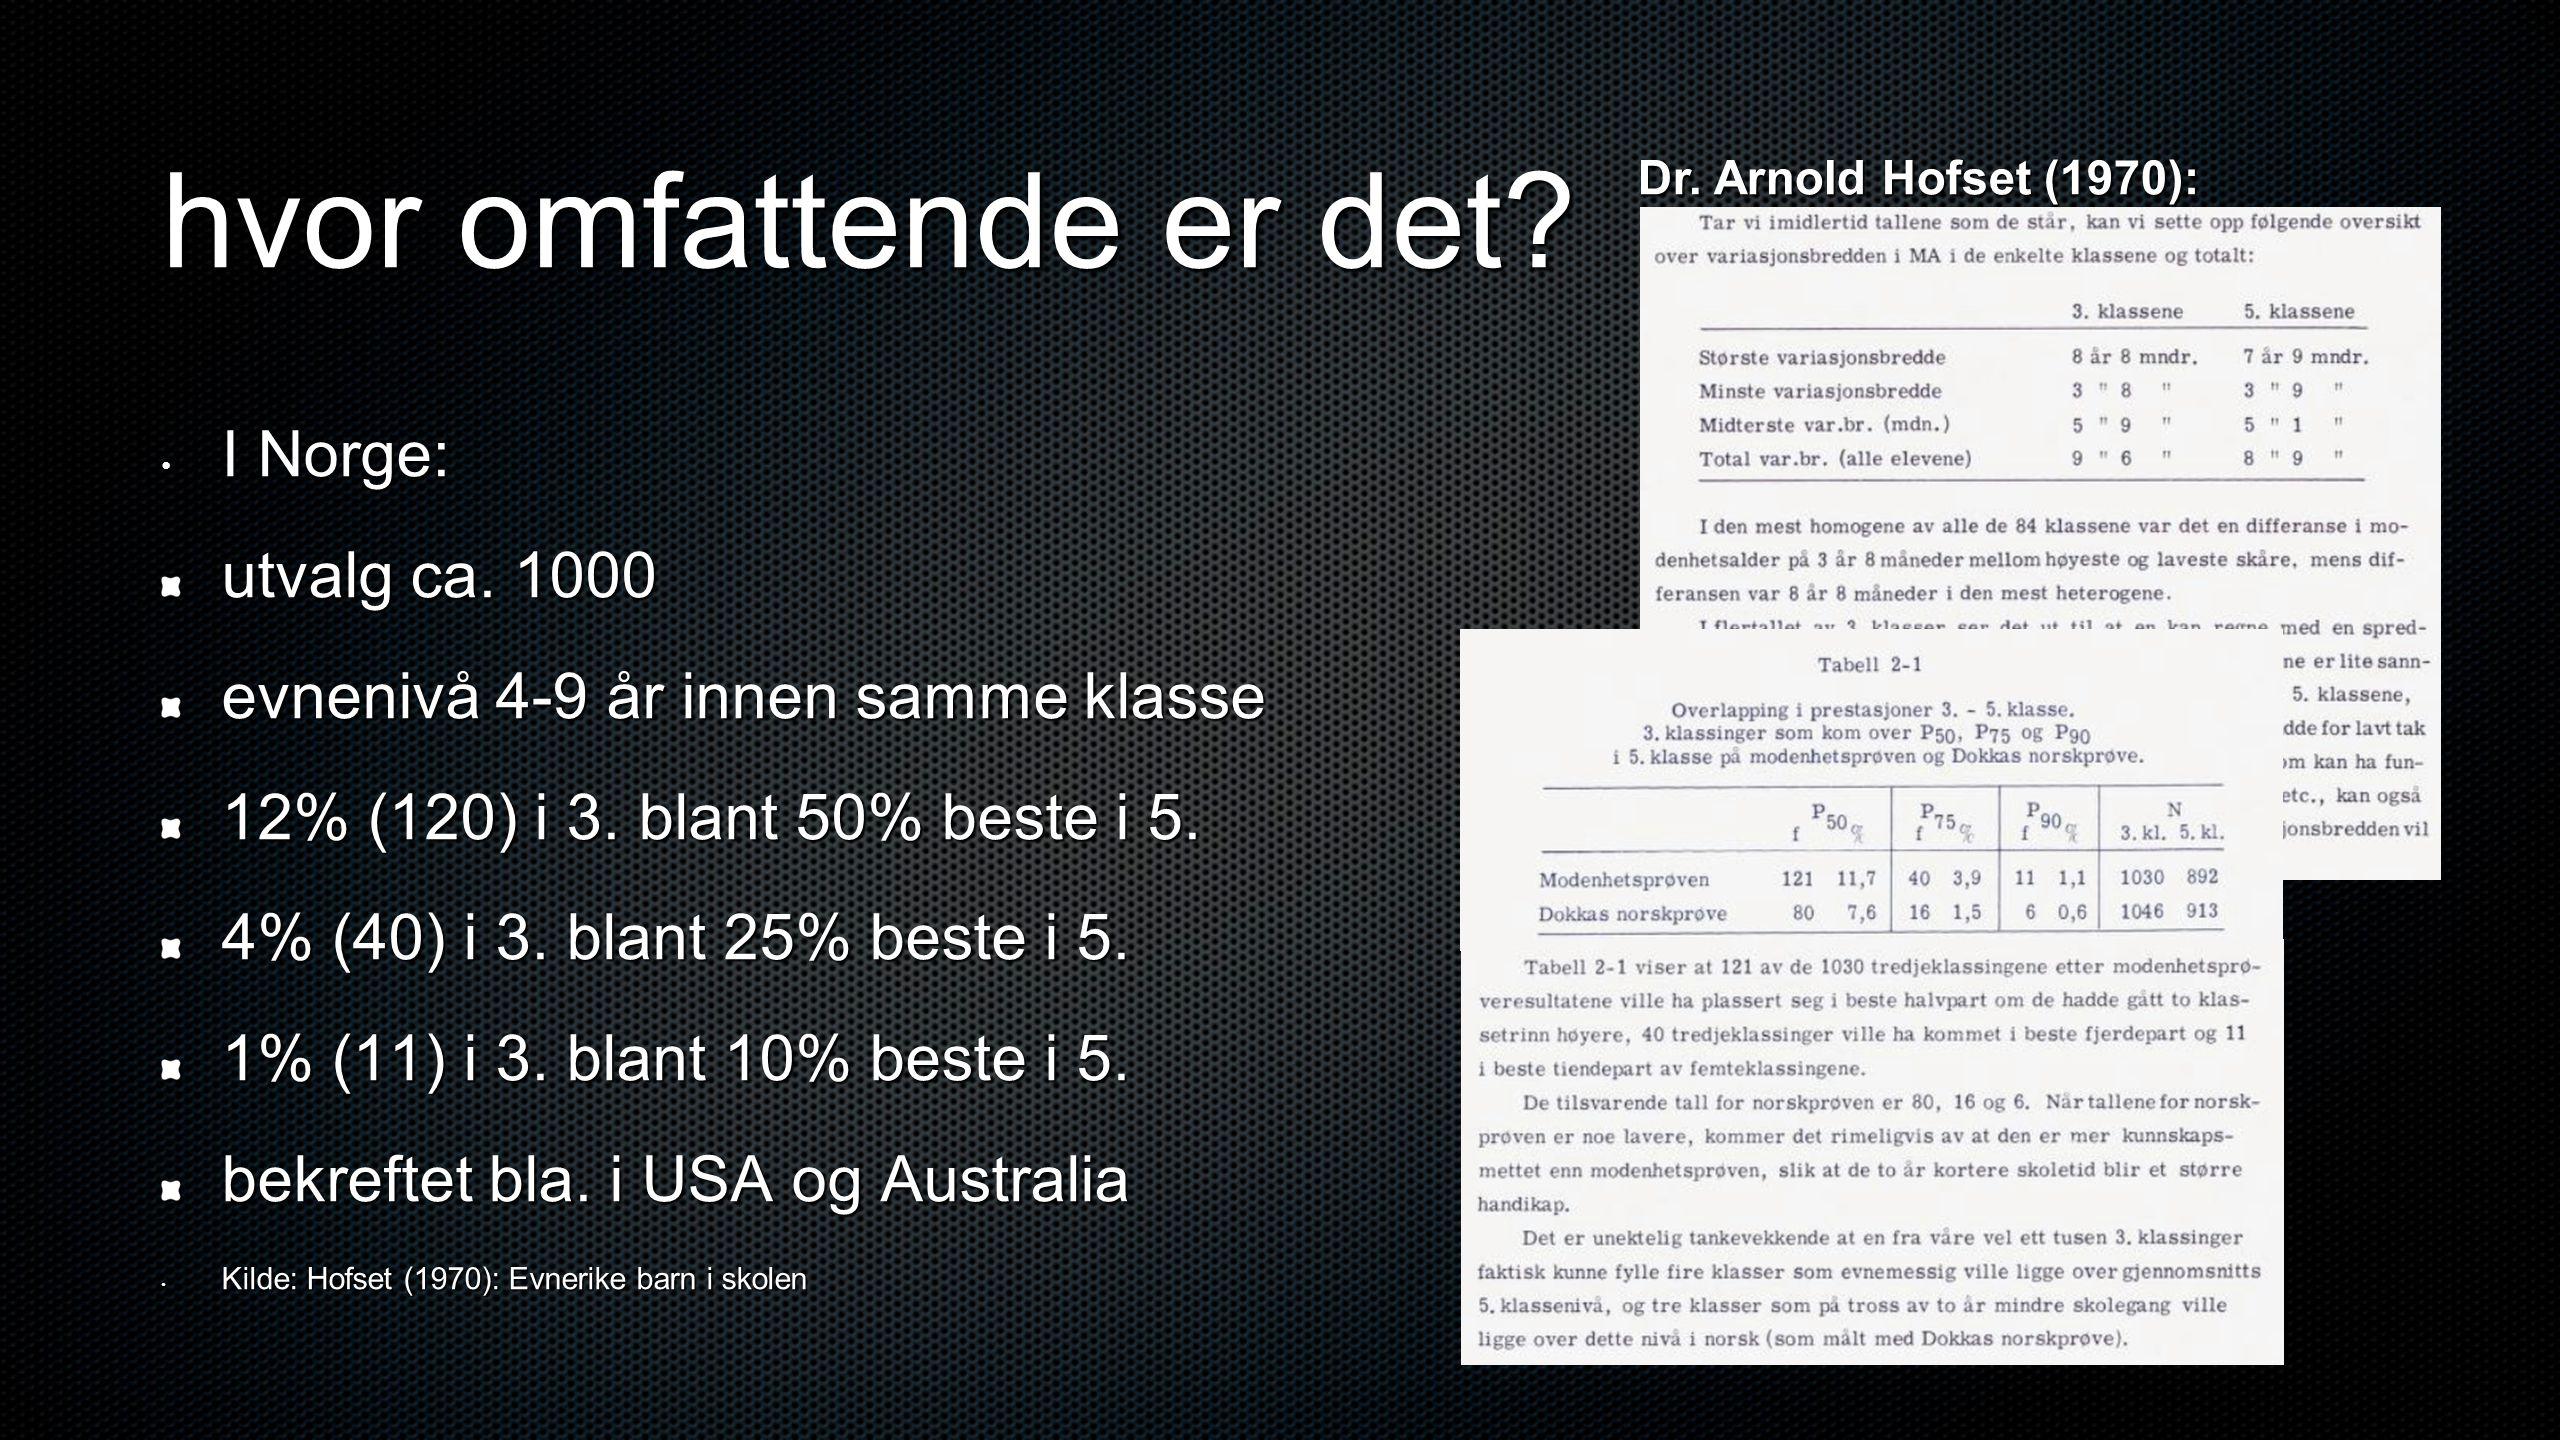 hvor omfattende er det? • I Norge: utvalg ca. 1000 evnenivå 4-9 år innen samme klasse 12% (120) i 3. blant 50% beste i 5. 4% (40) i 3. blant 25% beste